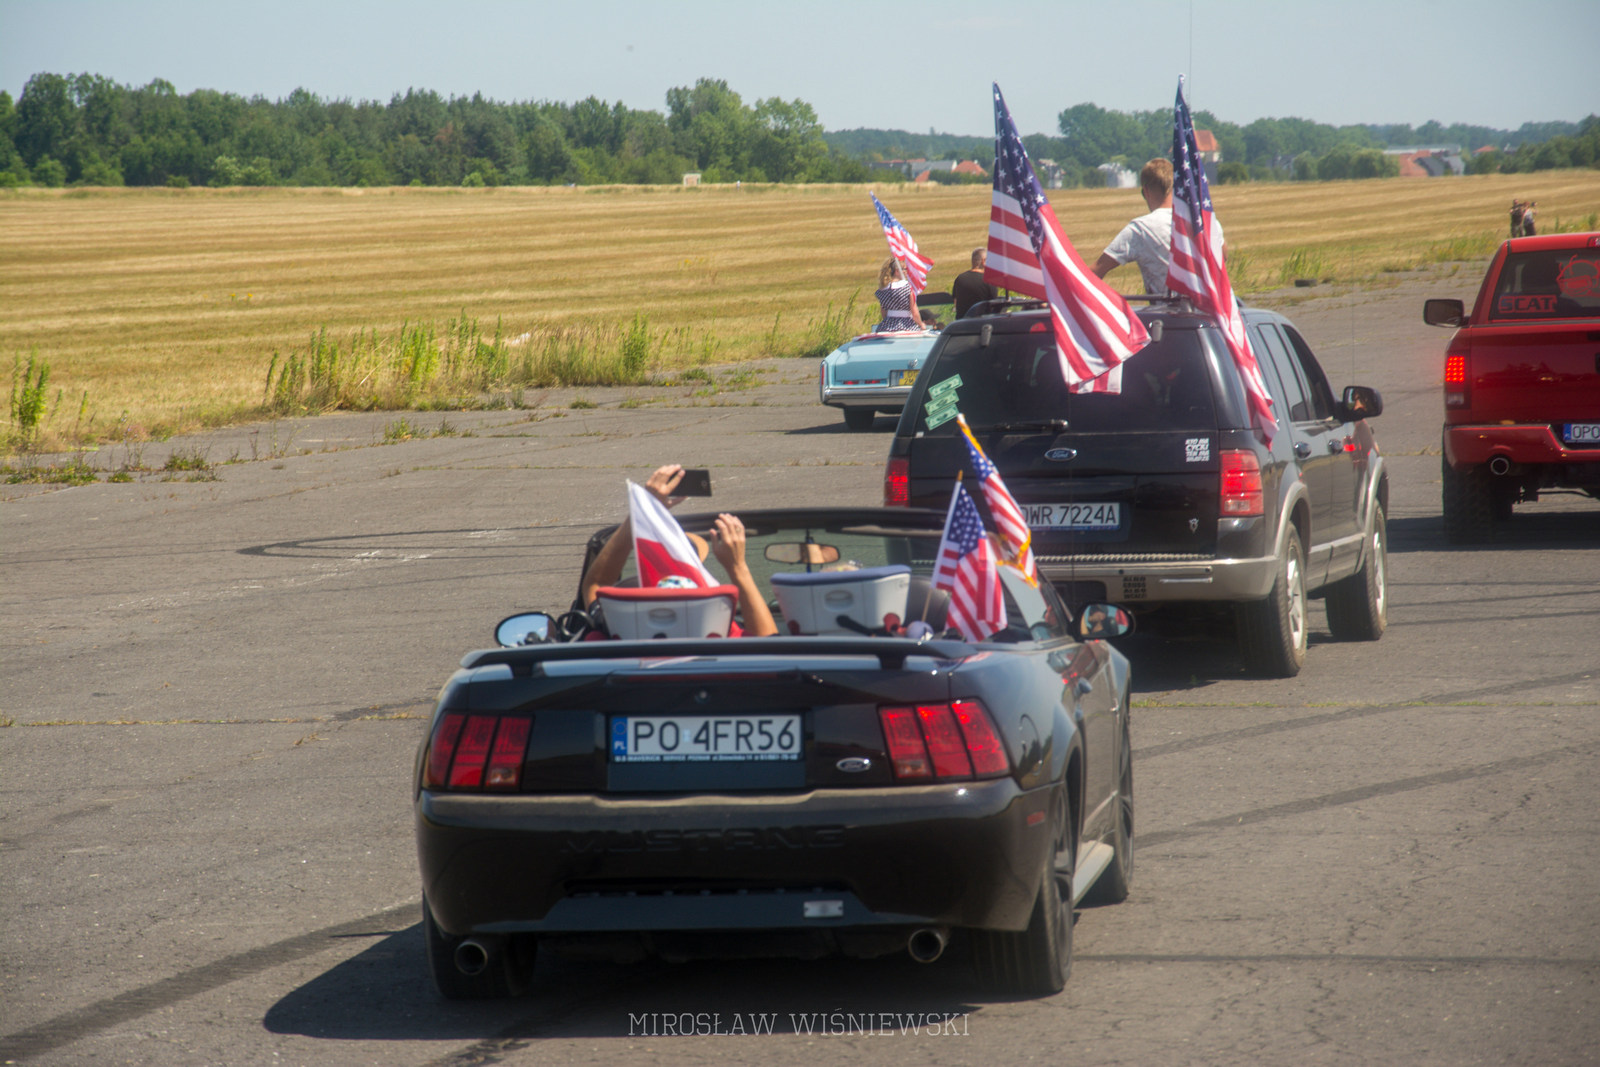 American Cars Mania 2019 Oleśnica, Foto Mirosław Wisniewski